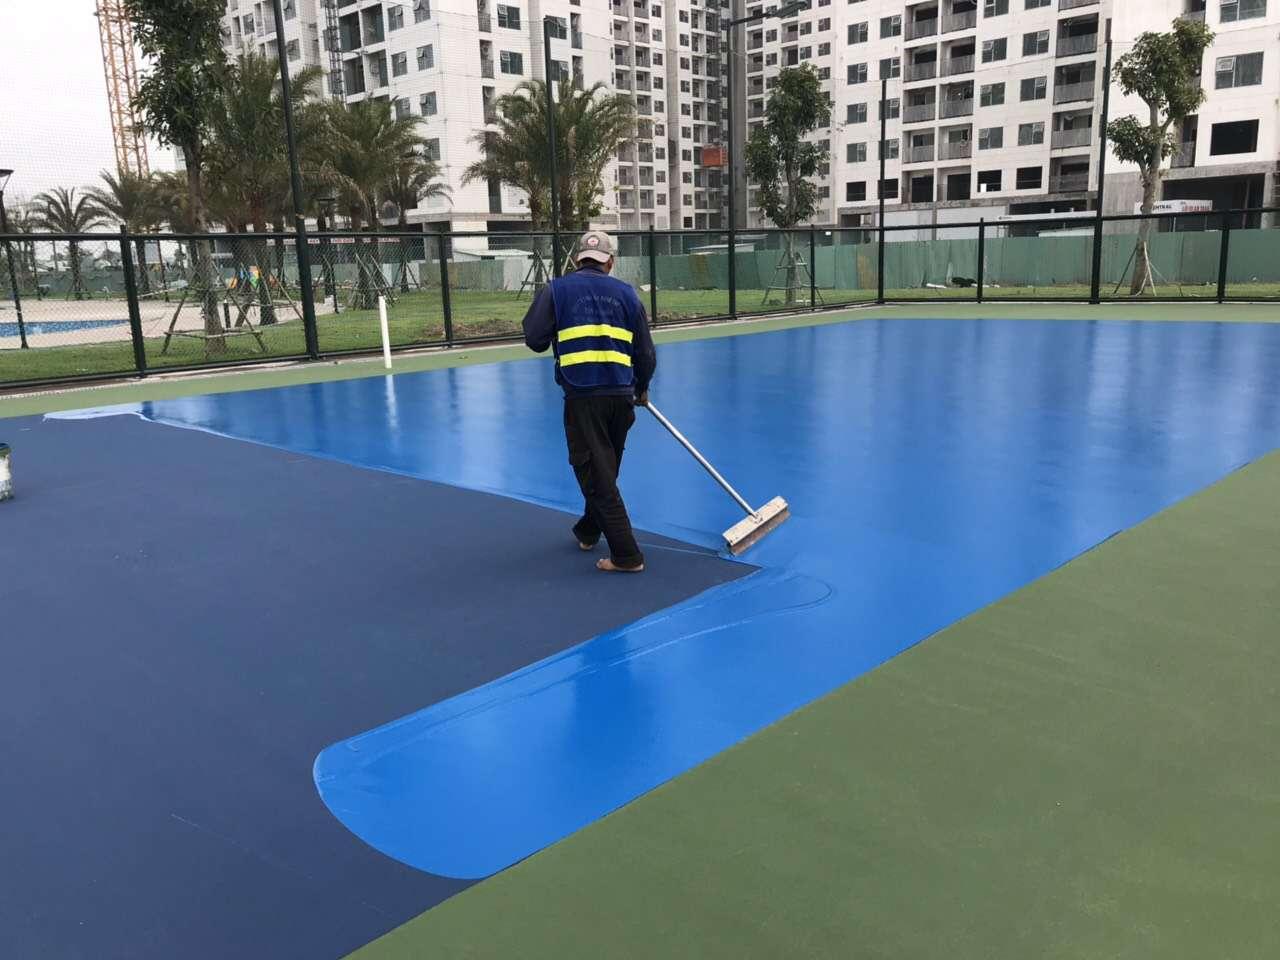 Thi công sơn sàn ( Nền ) Epoxy sân bóng rổ tại Biên Hòa - Đồng Nai